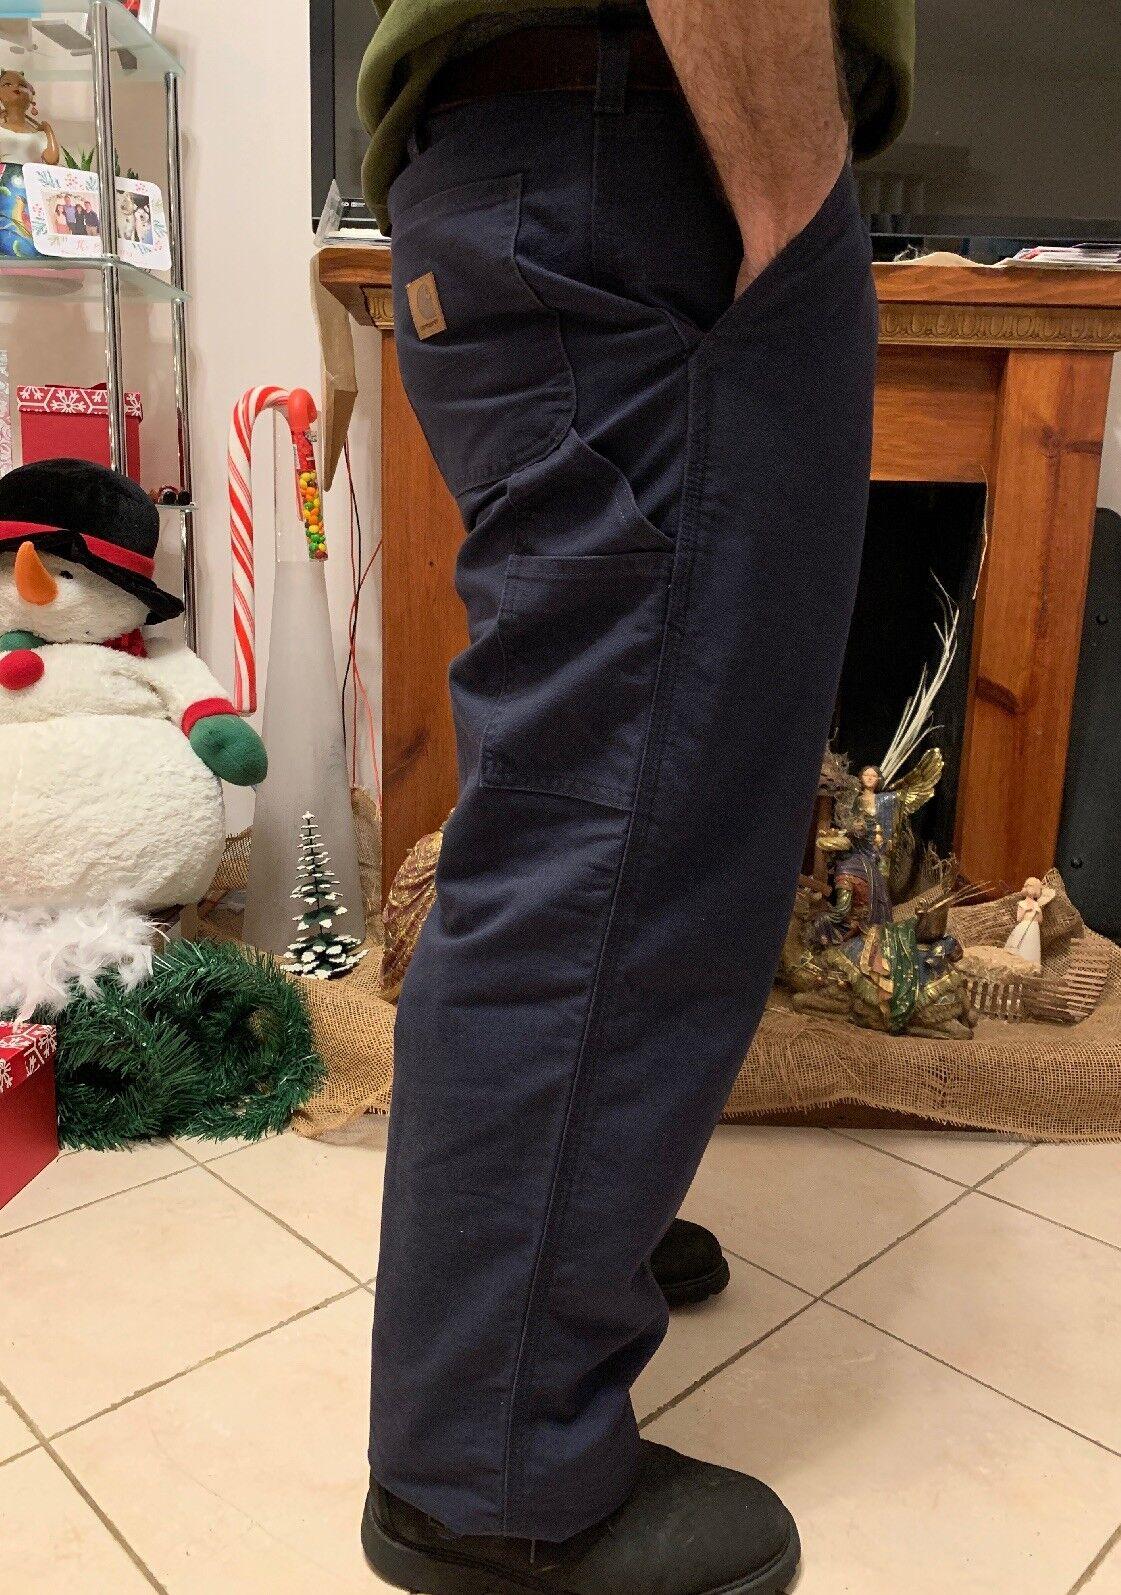 NEW Carhartt Navy bluee Carpenter Work Pants Soft Canvas Denim Men Size 34X28